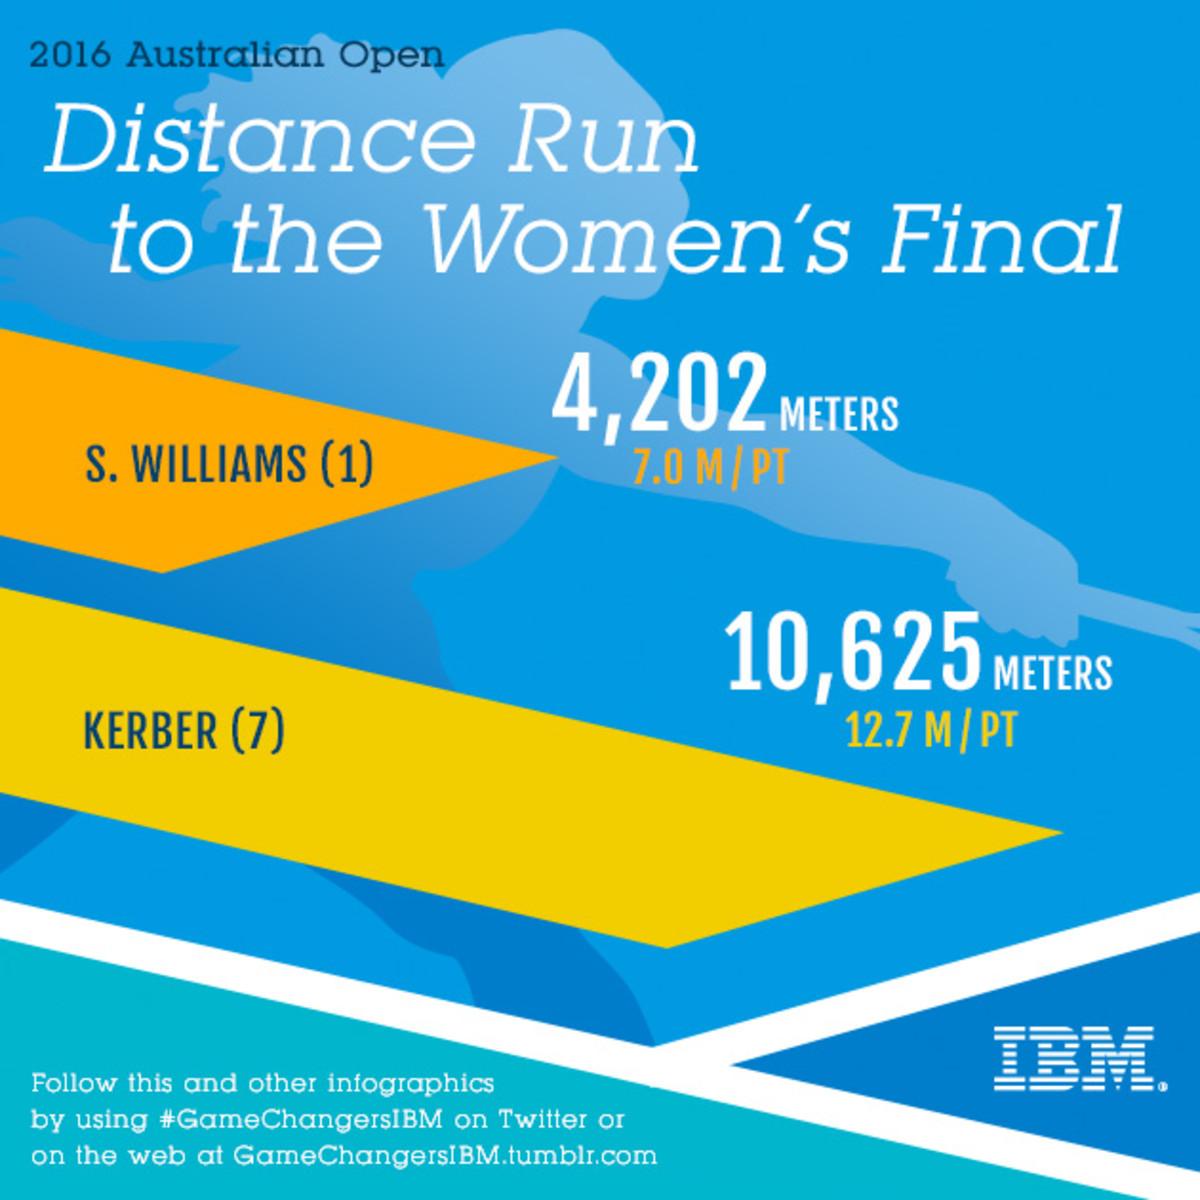 AO_25_Women_Final_Runs_IG_v1.jpg